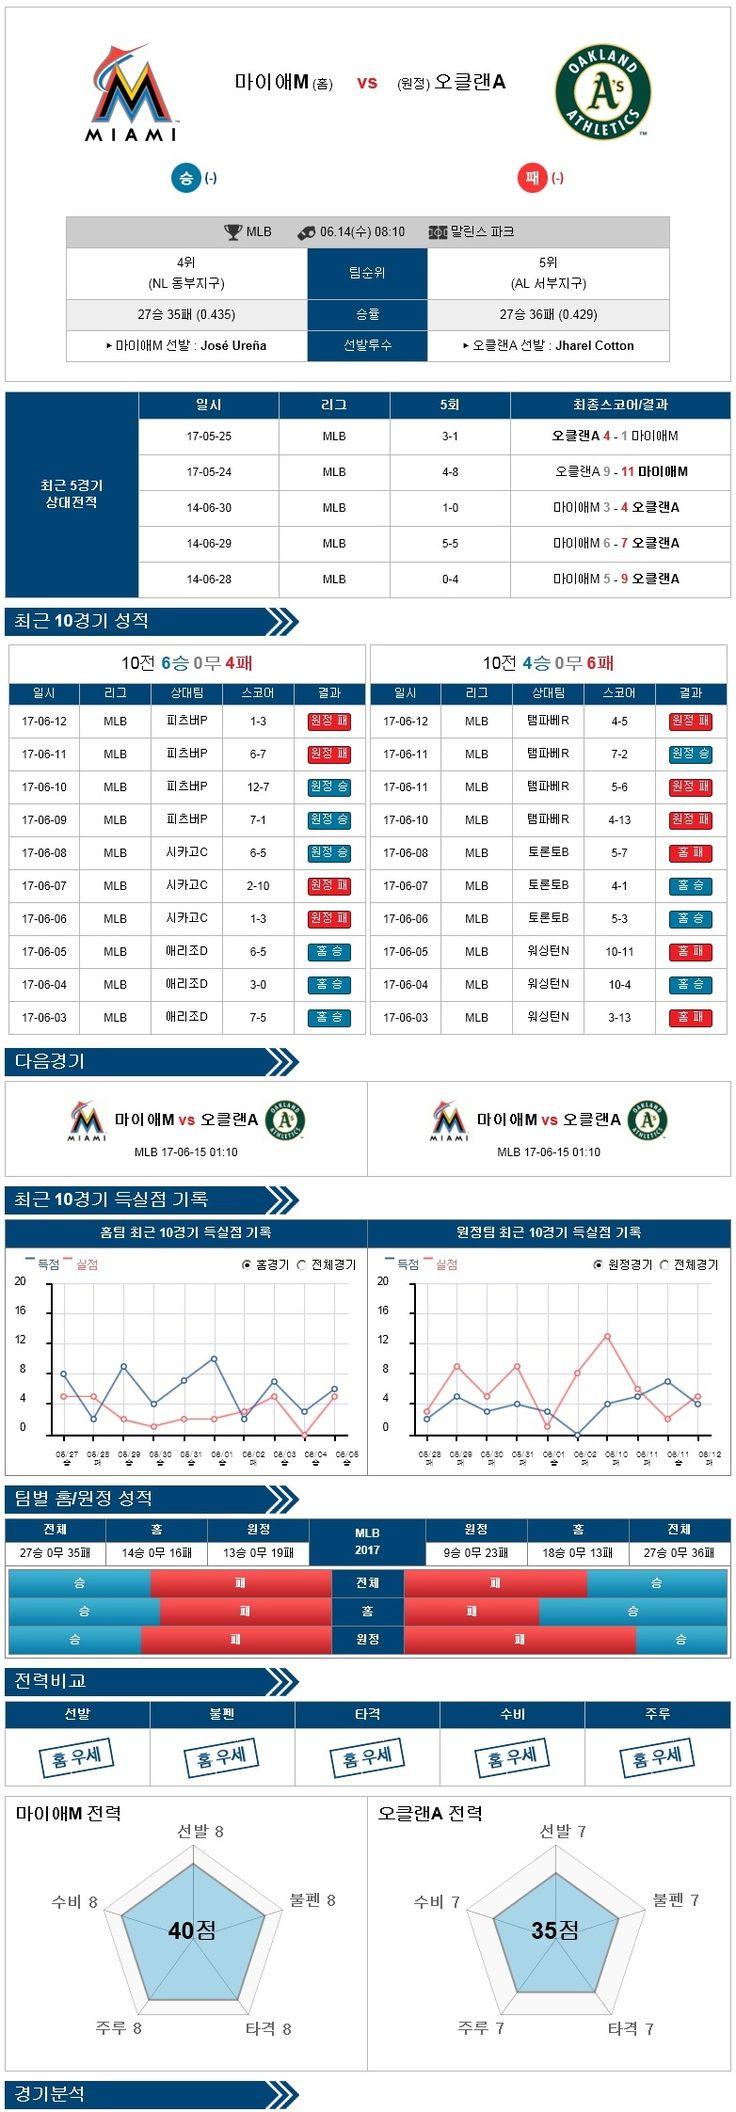 [MLB] 6월 14일 야구분석픽 마이애미 vs 오클랜드 ★토토군 분석픽★